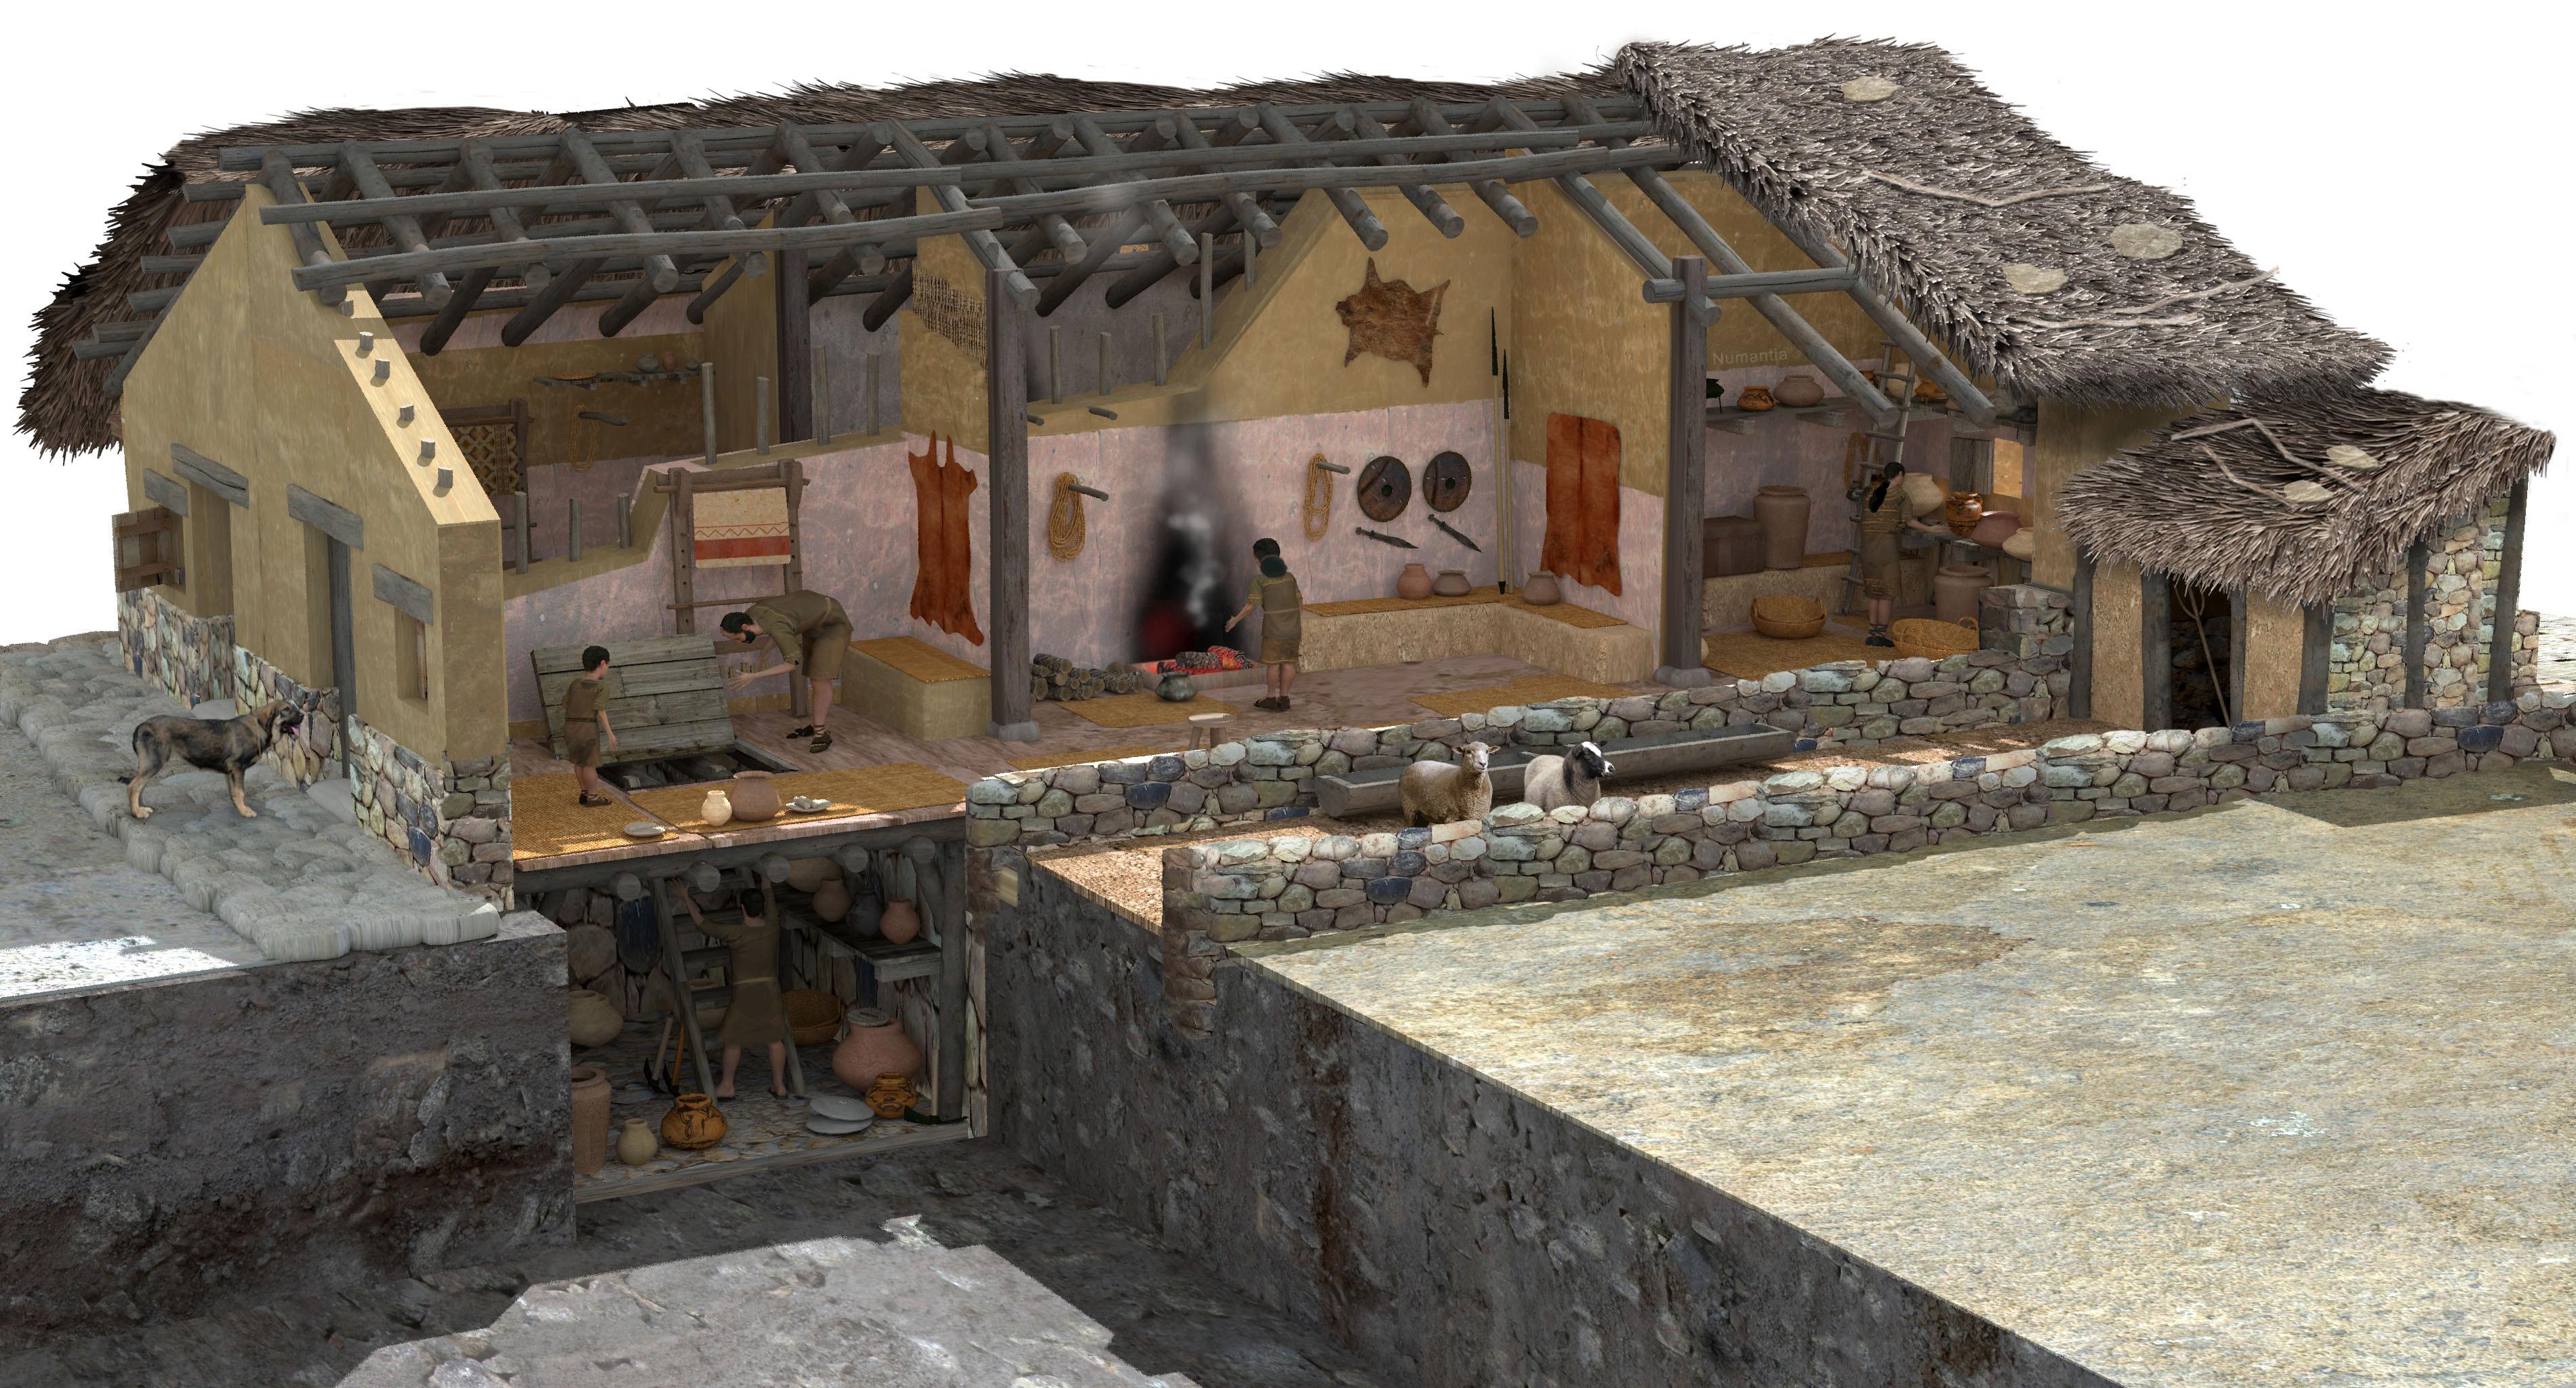 recreacion-casa-celtiberica2.jpg